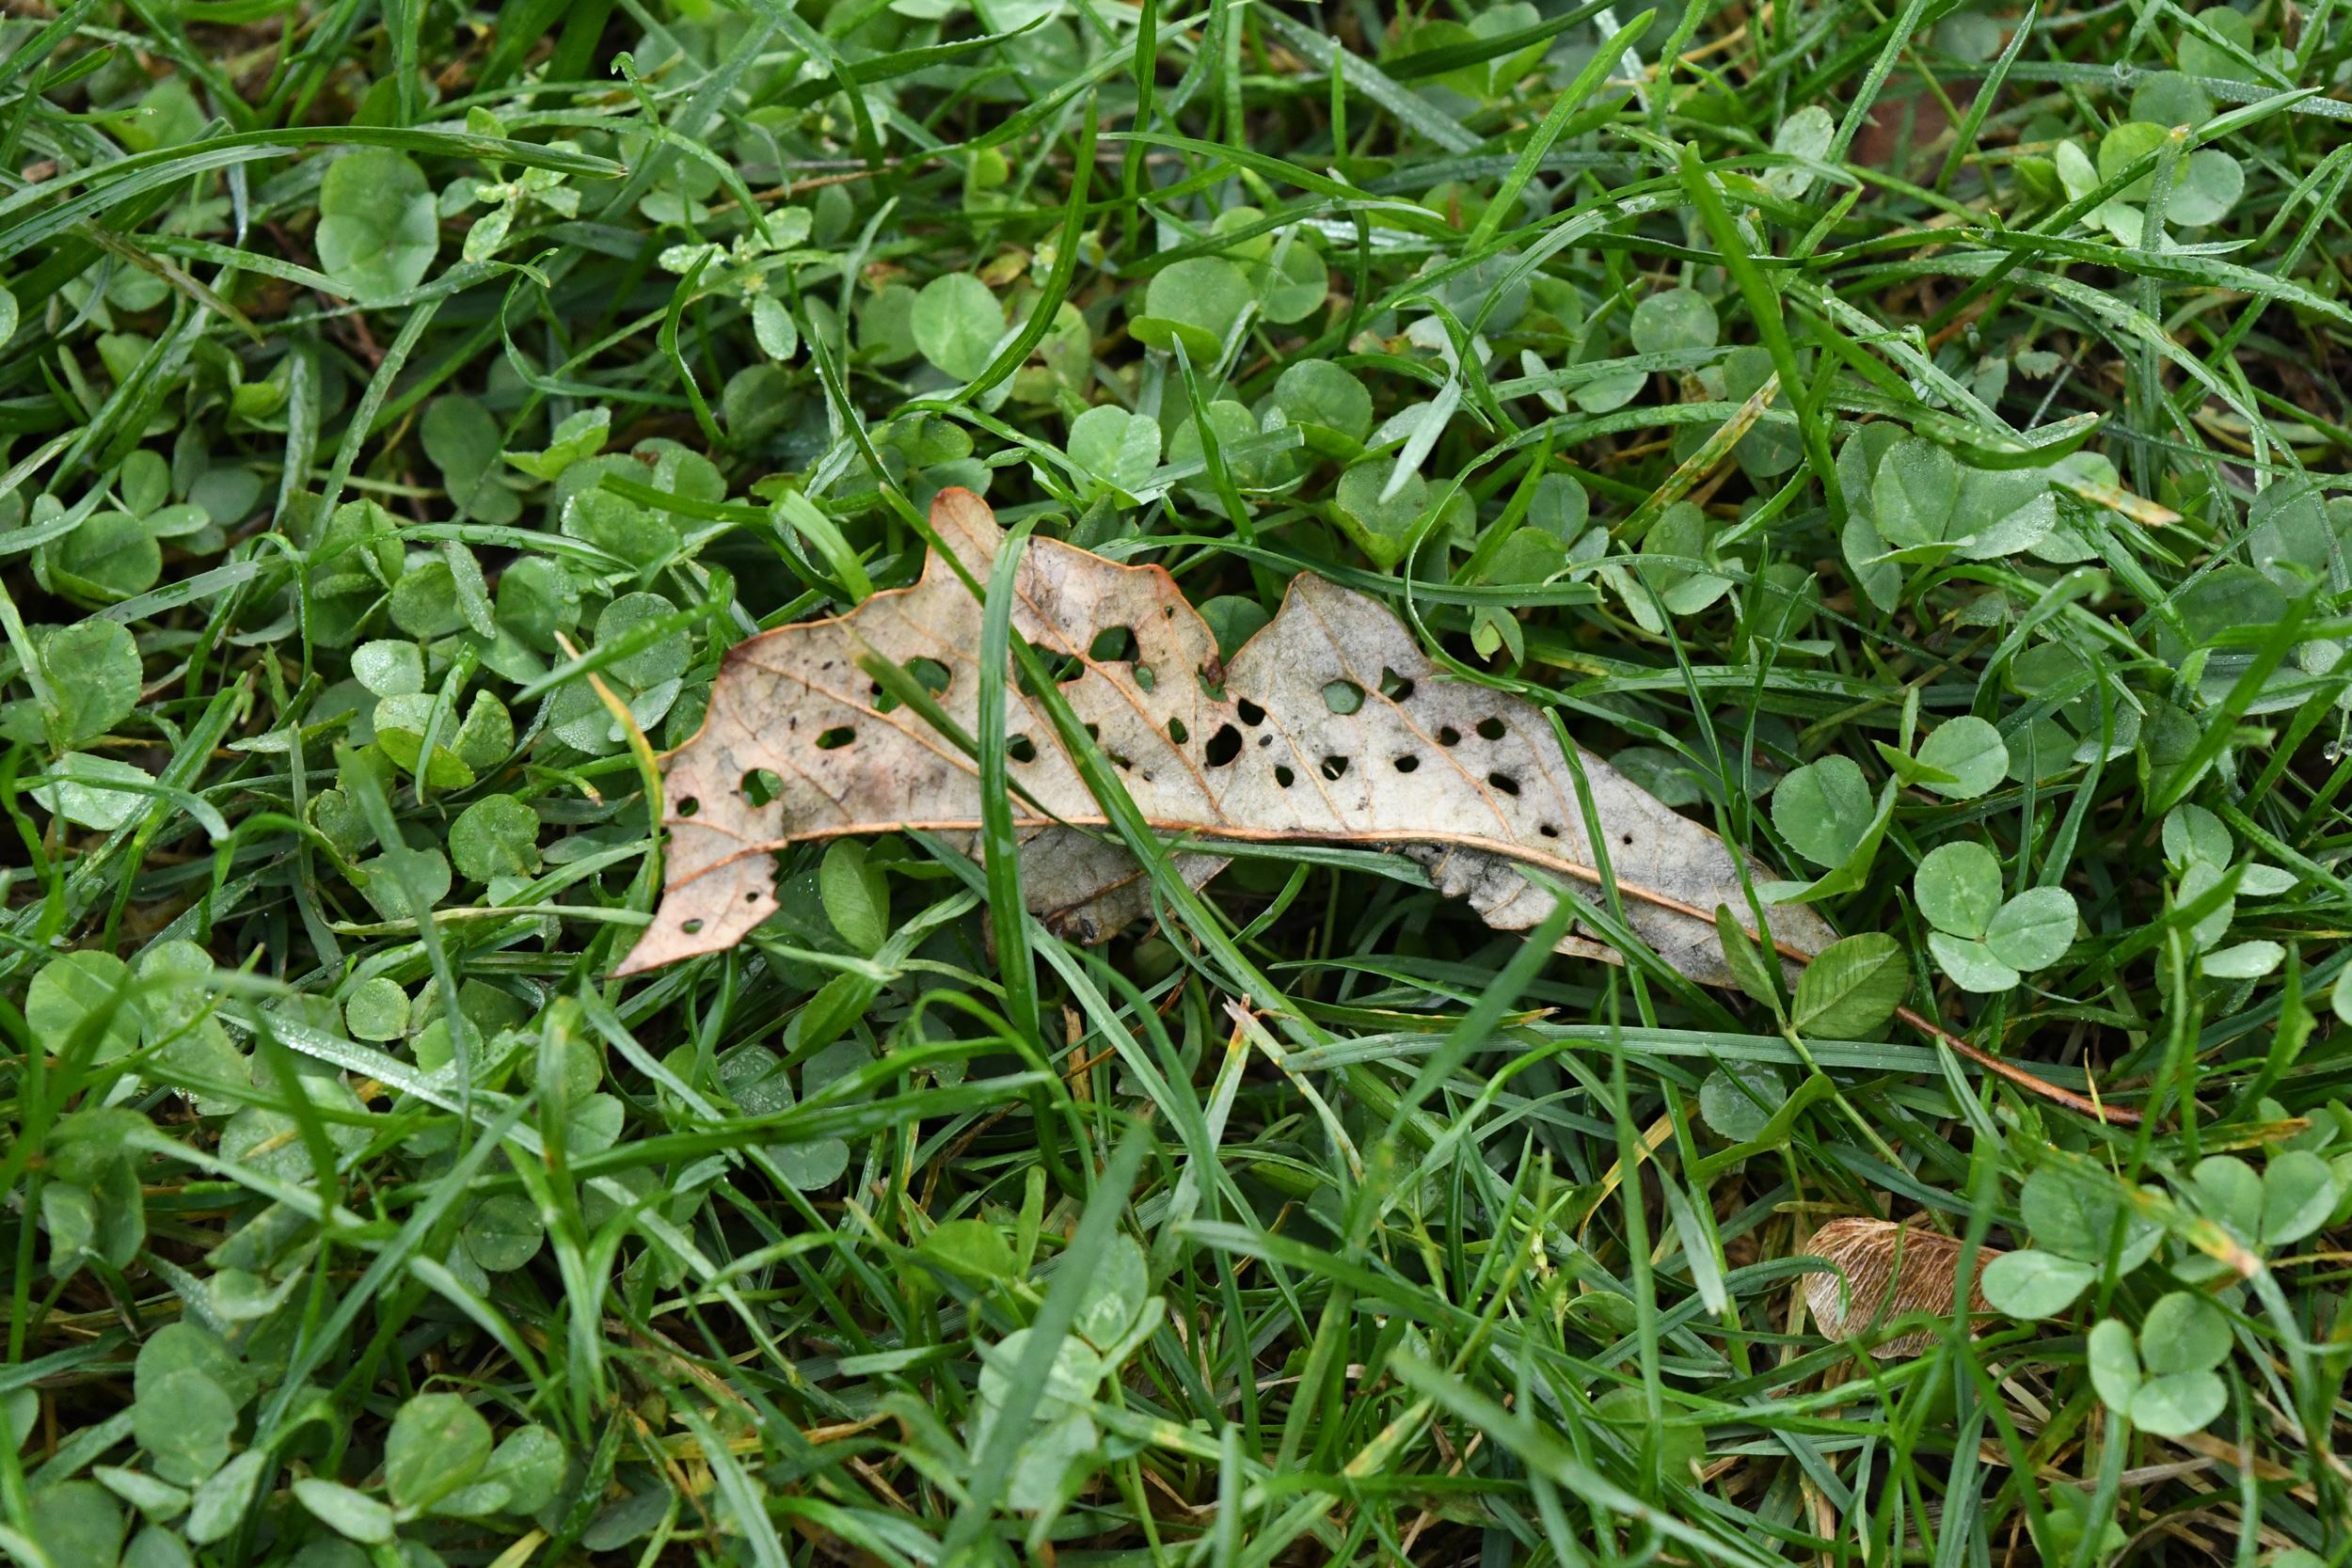 Eaten leaf, Prospect Park